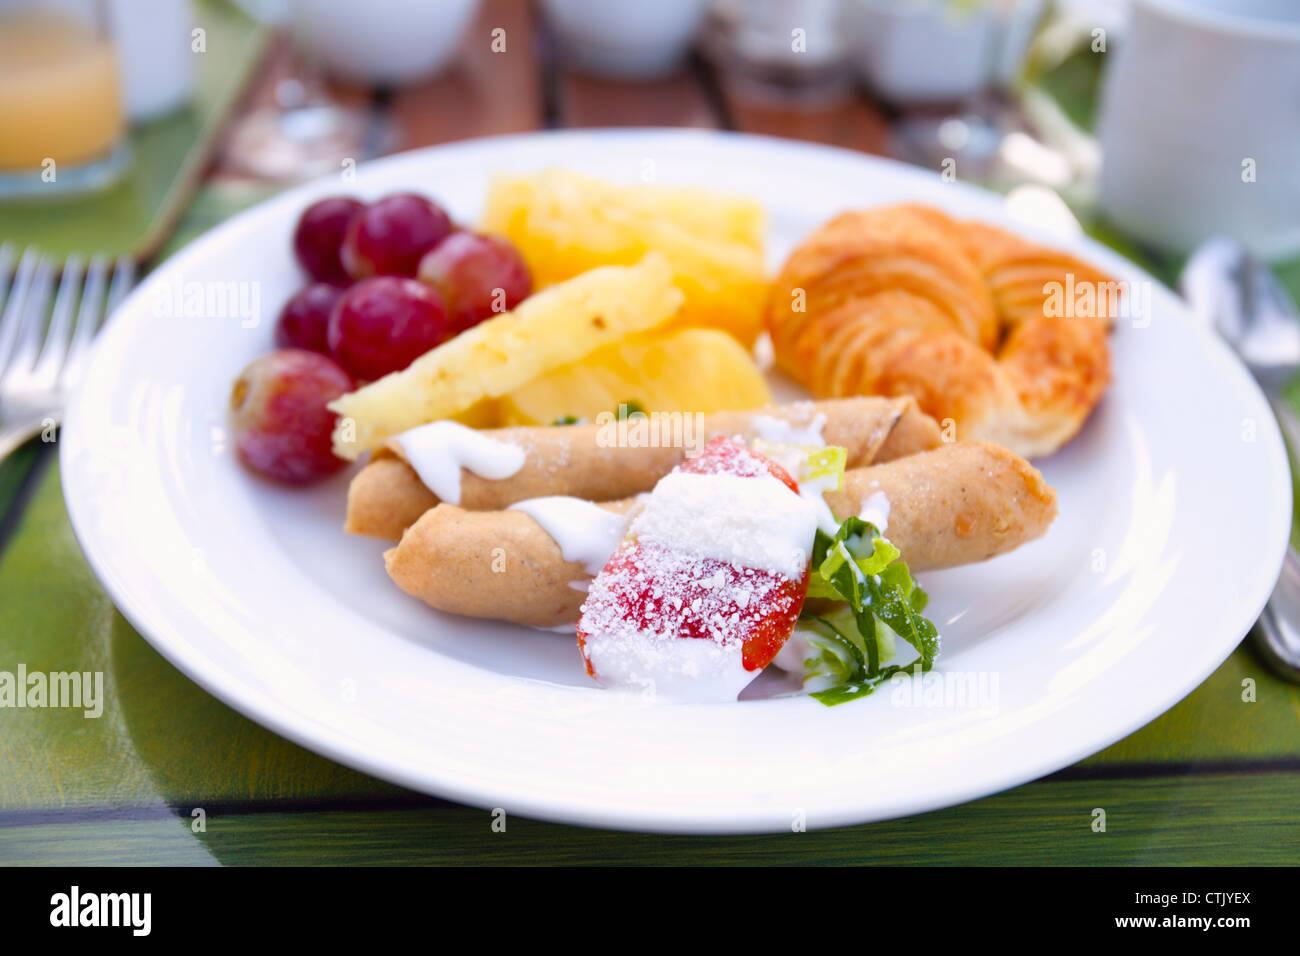 Crepe de frutas y un cruasán en una placa blanca; Puerto Vallarta, México Imagen De Stock